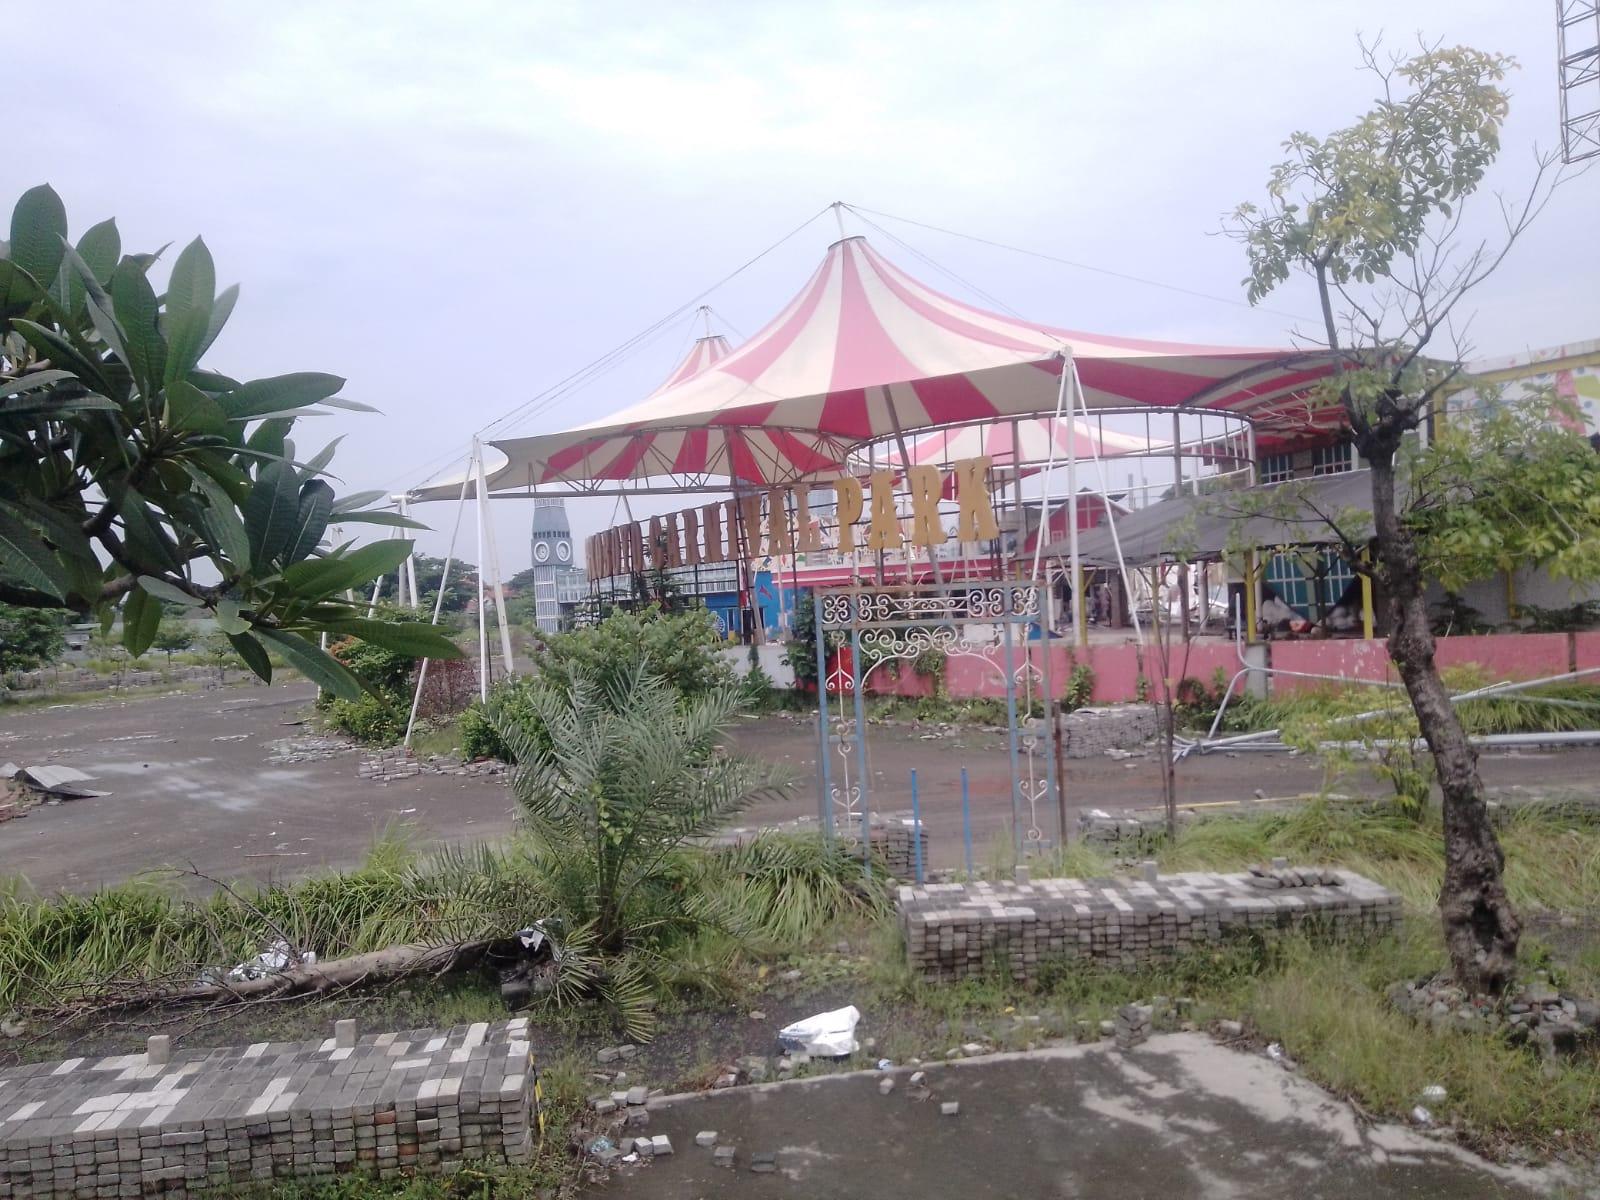 Tempat wisata SNCM di Surabaya kini jadi kenangan karena sudah tidak beroperasional lagi. (Foto:Rangga Aji/Tugu Jatim)